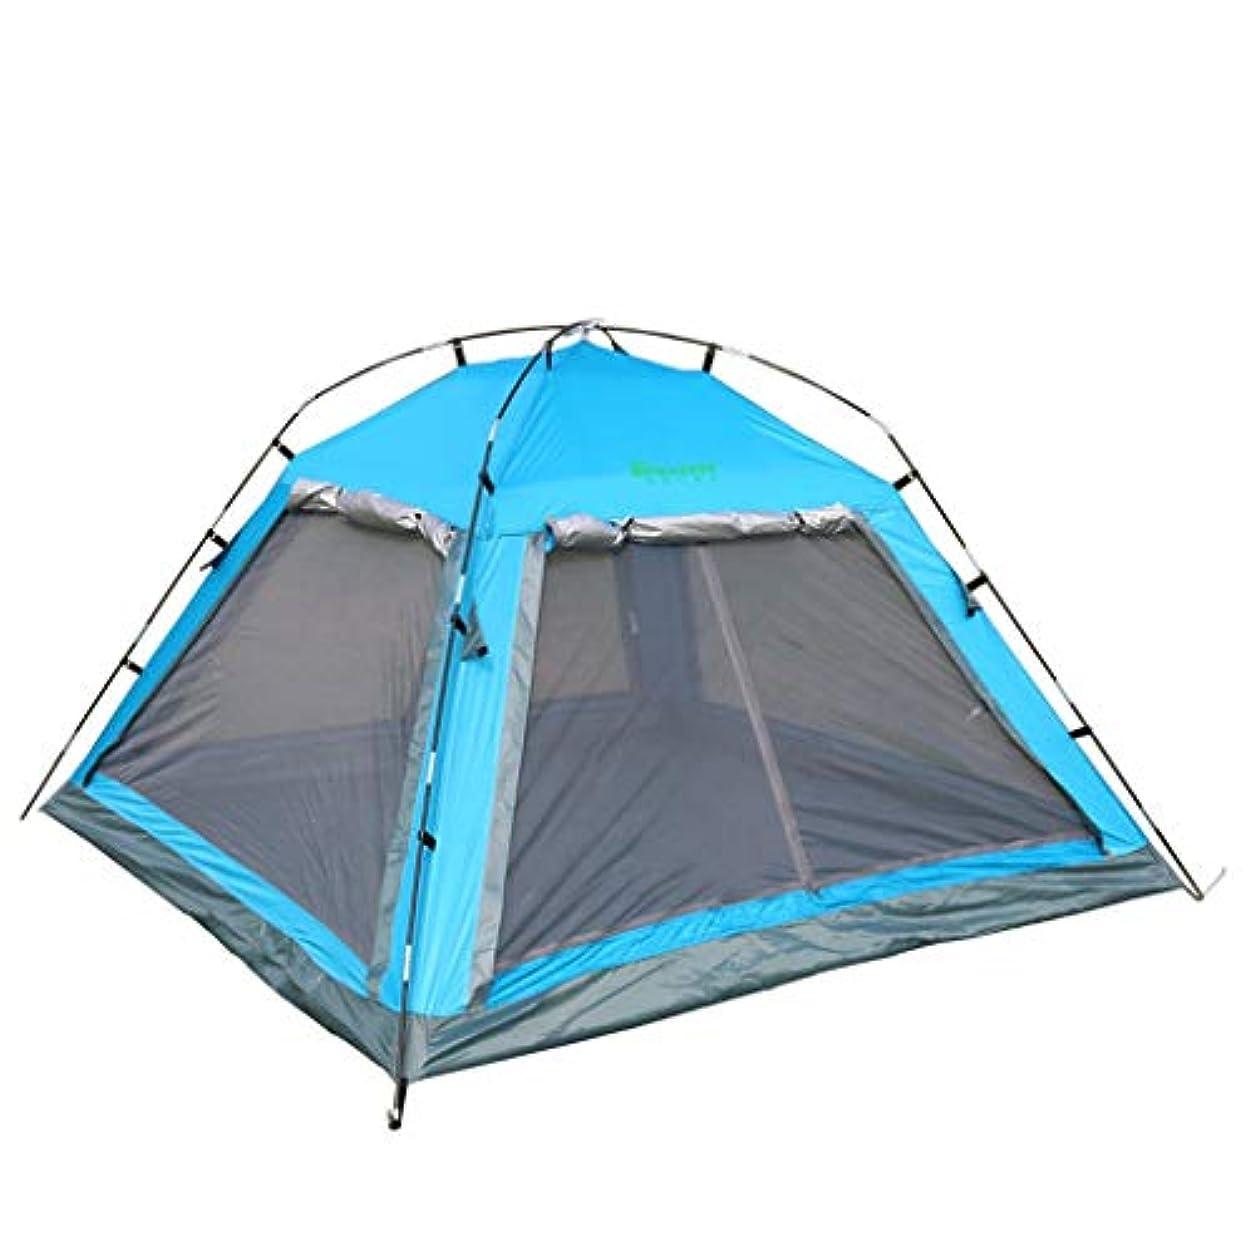 詩人ディプロマ駐地Roscloud テント3-4人屋外キャンプパークピクニックレジャーエンターテイメント防水蚊避けのテント